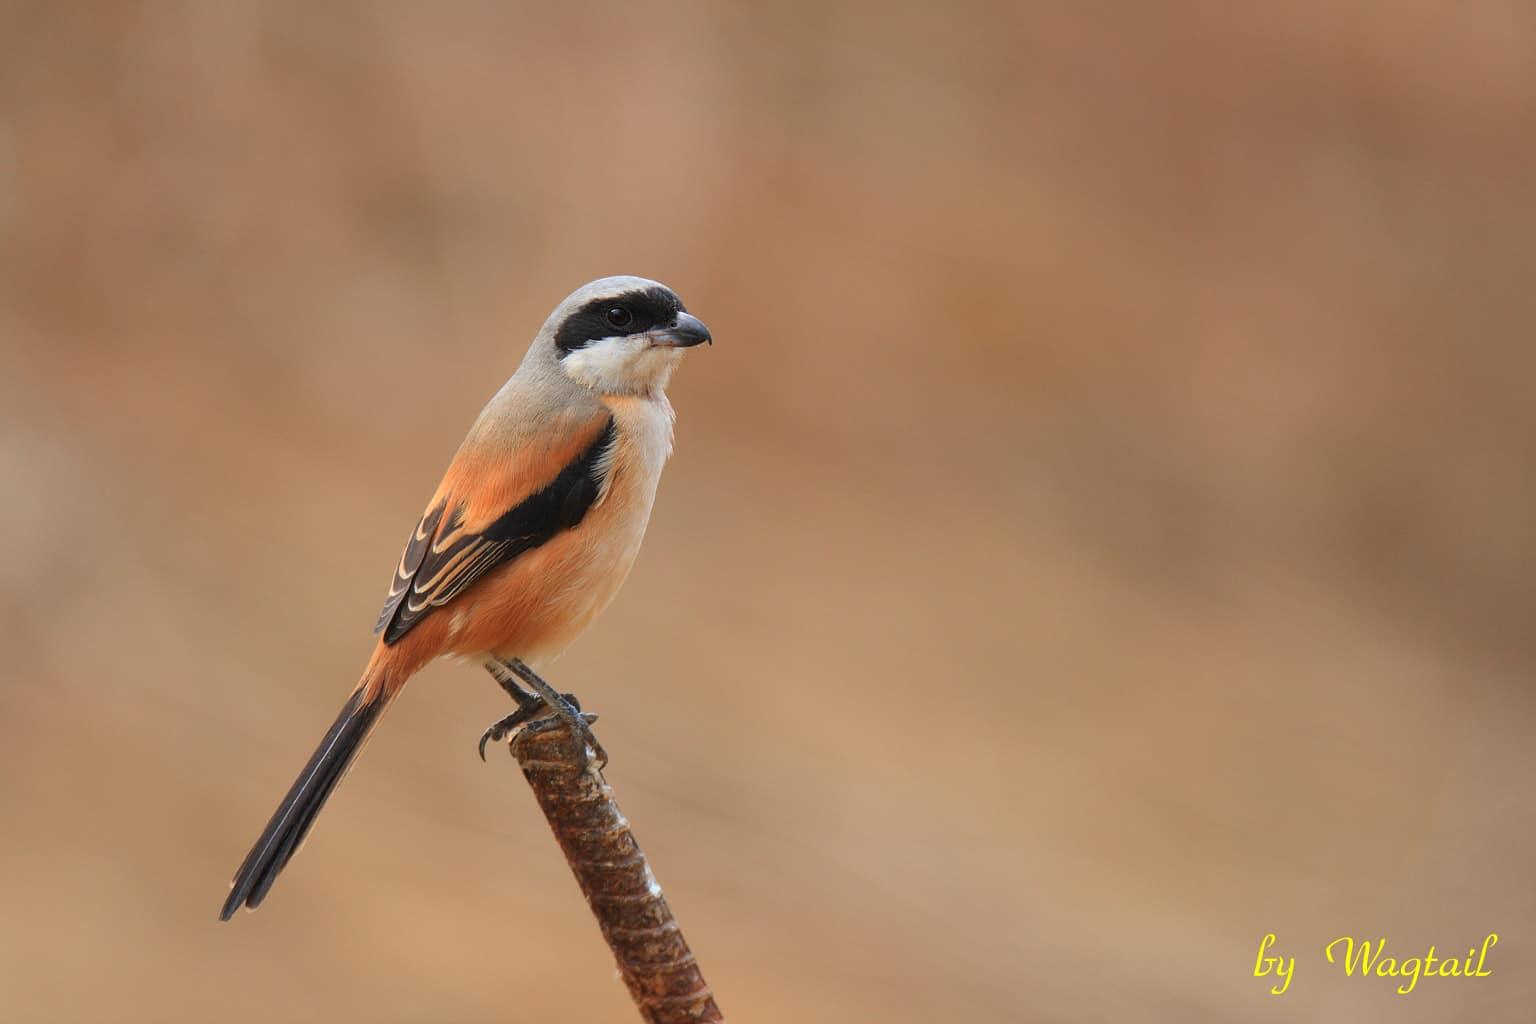 Gambar Burung Pentet/Cendet